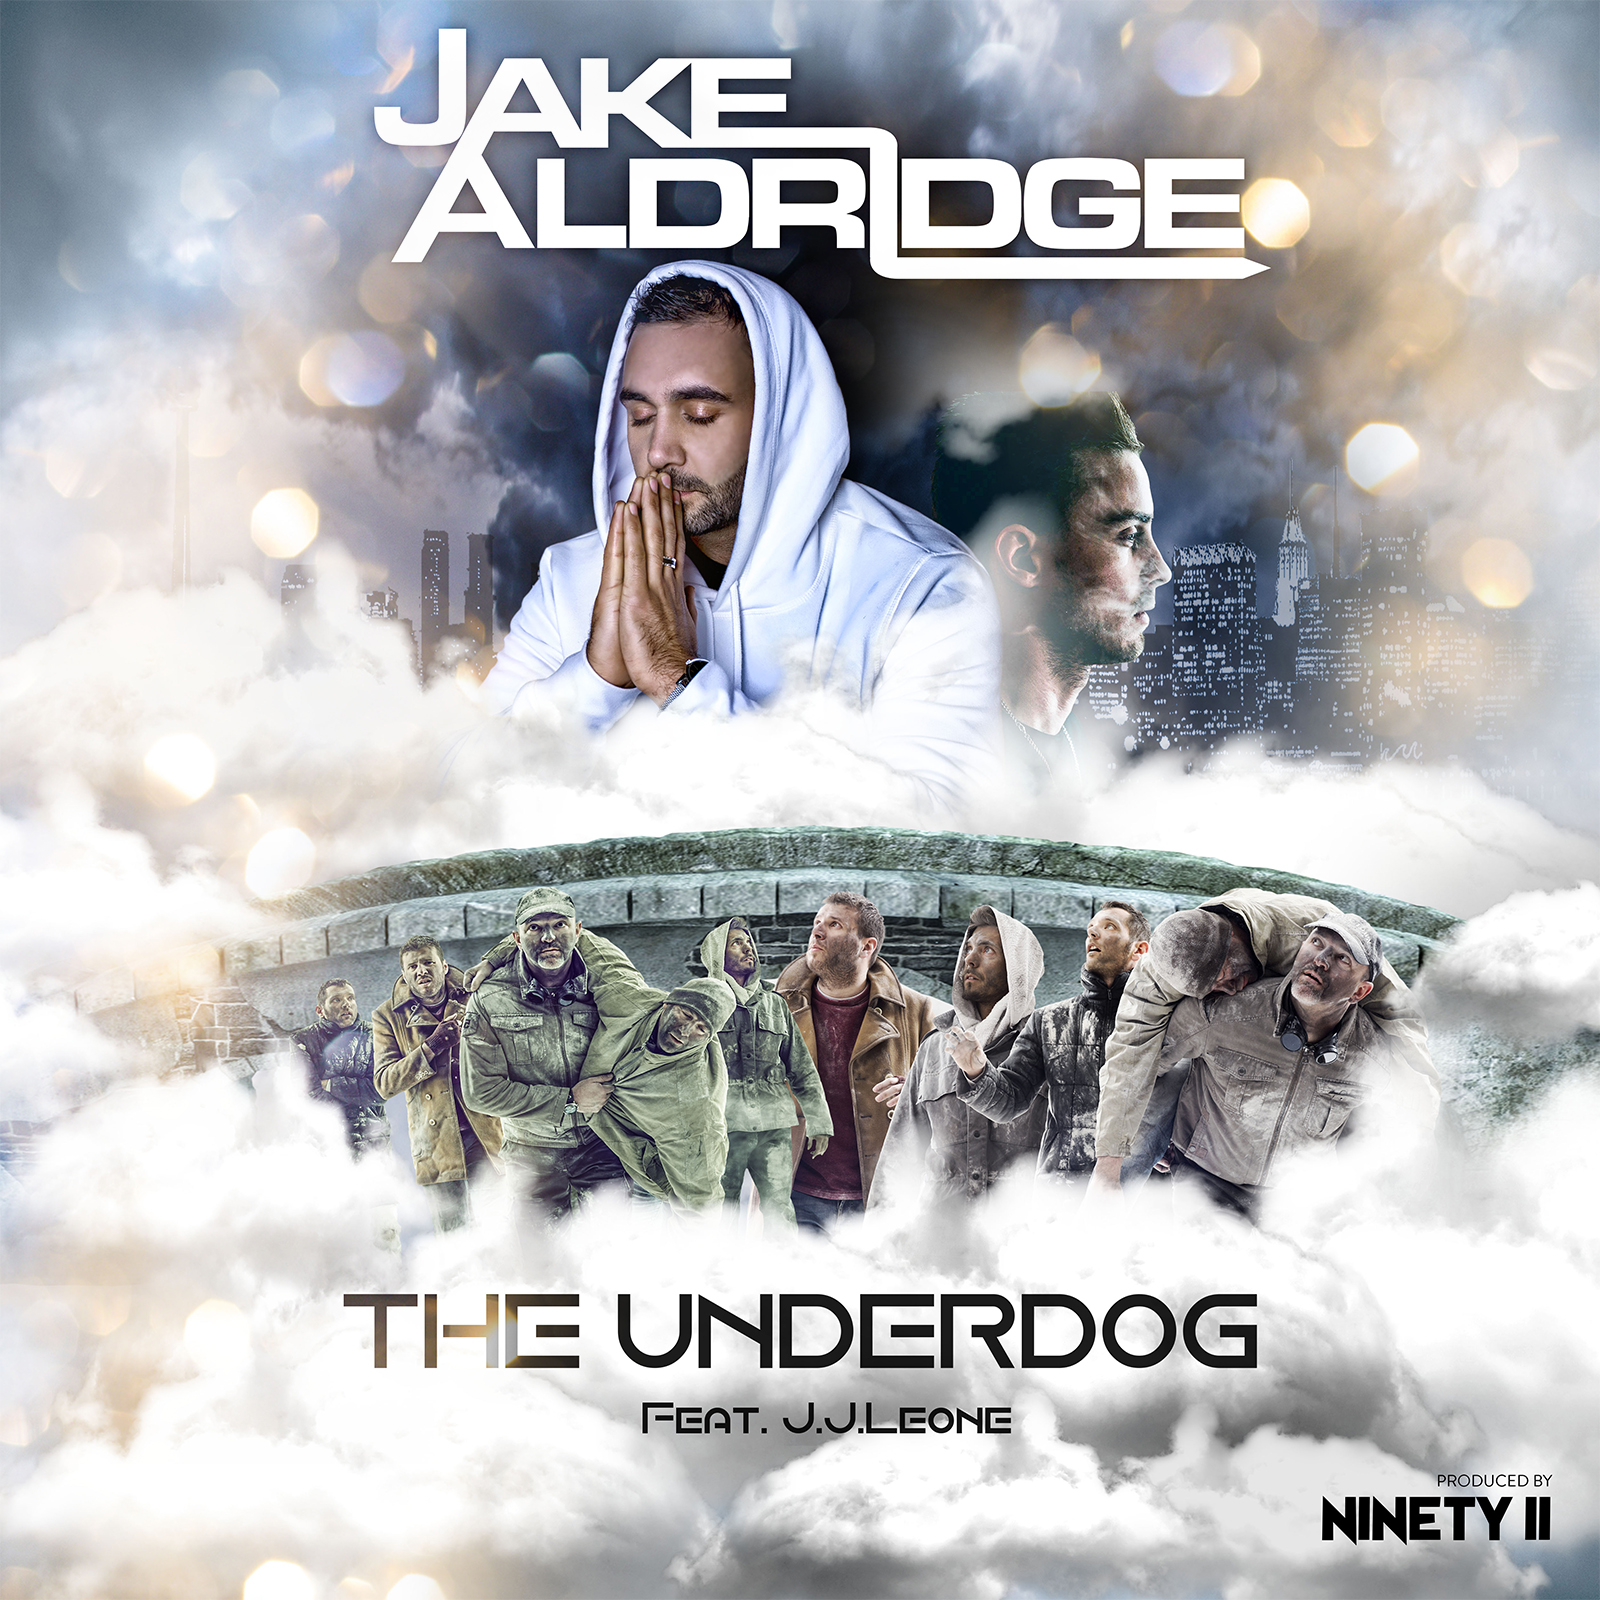 Jake Aldridge - The Underdog - Cover Art.jpg